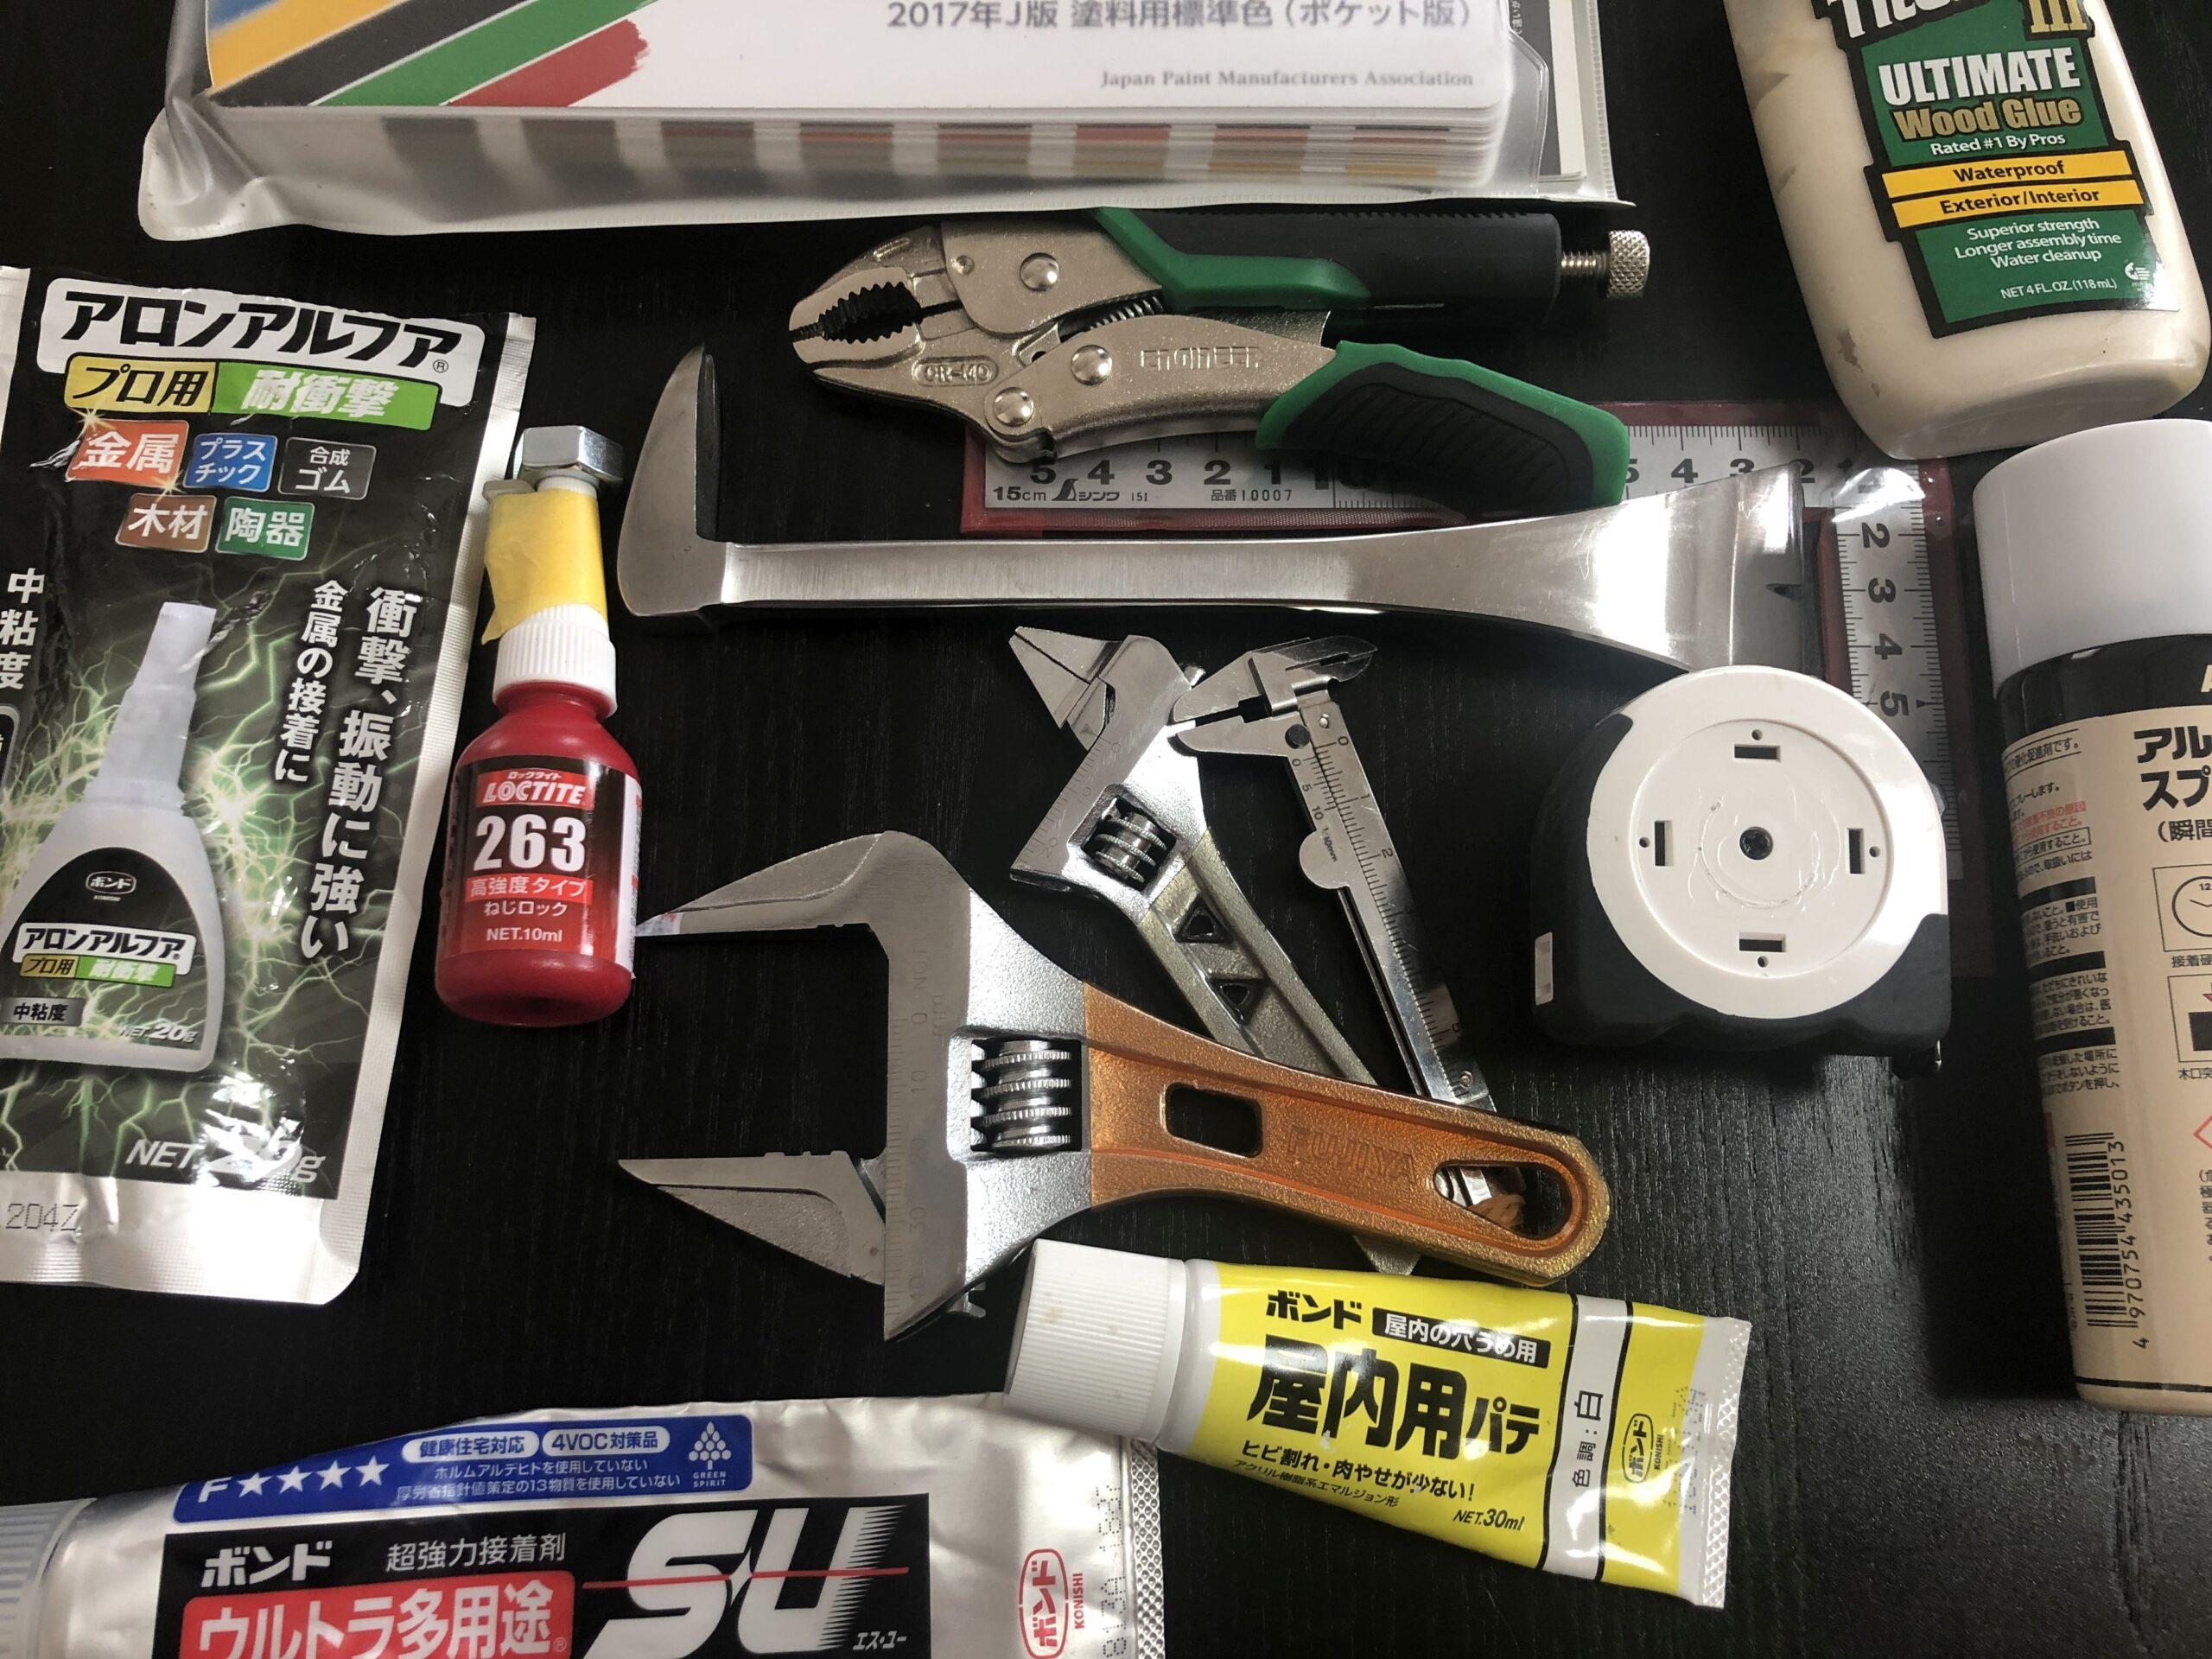 仕事ツール 現場7つ道具